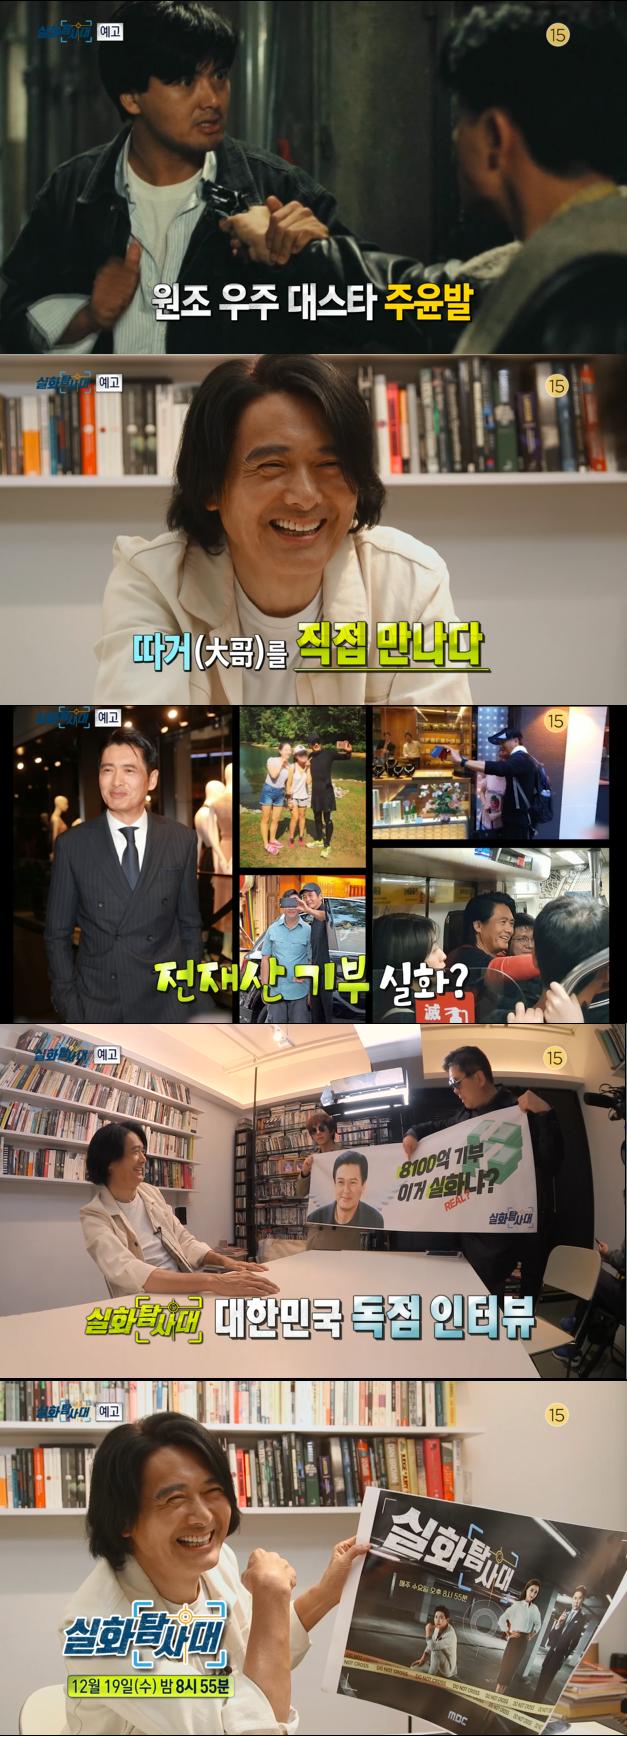 '실화탐사대' 8100억 기부한 진짜 '우주대스타'...따거(大哥) 주윤발을 만나다!